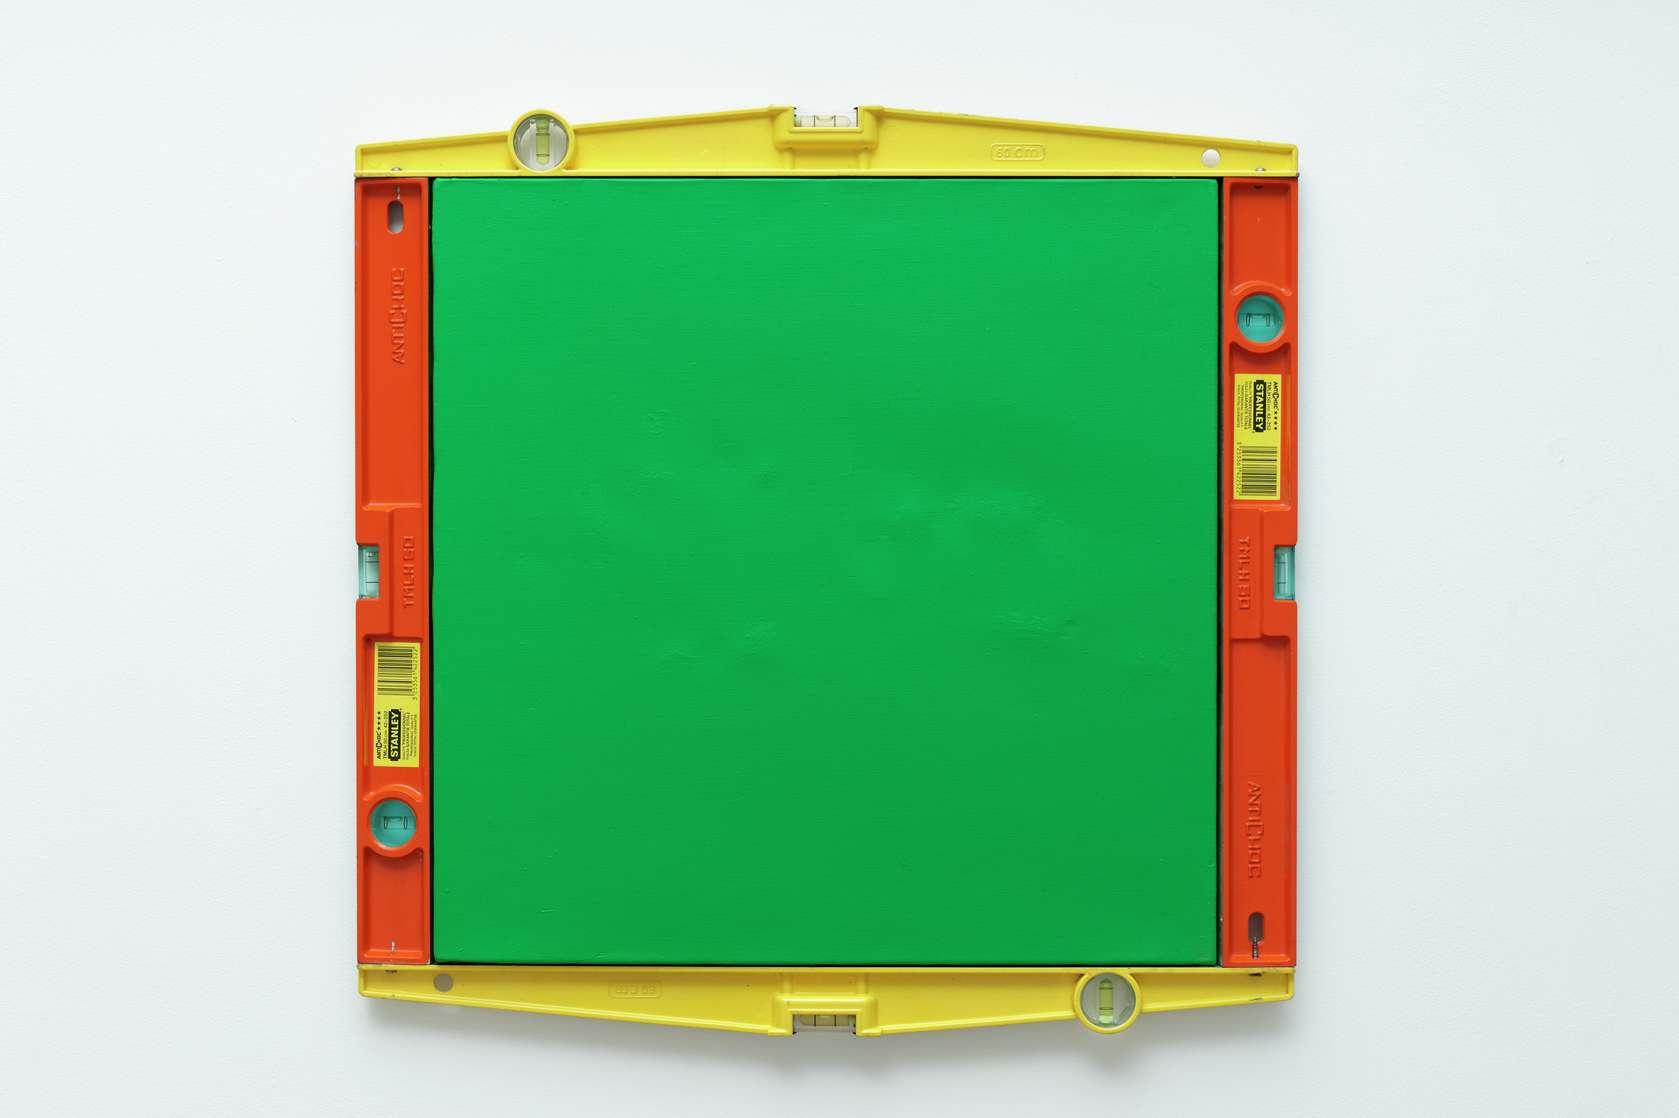 Présence Panchounette, Peinture à niveau, 1983 Acrylique sur toile et niveaux en métal59 × 60 cm / 23 2/8 × 23 5/8 in.